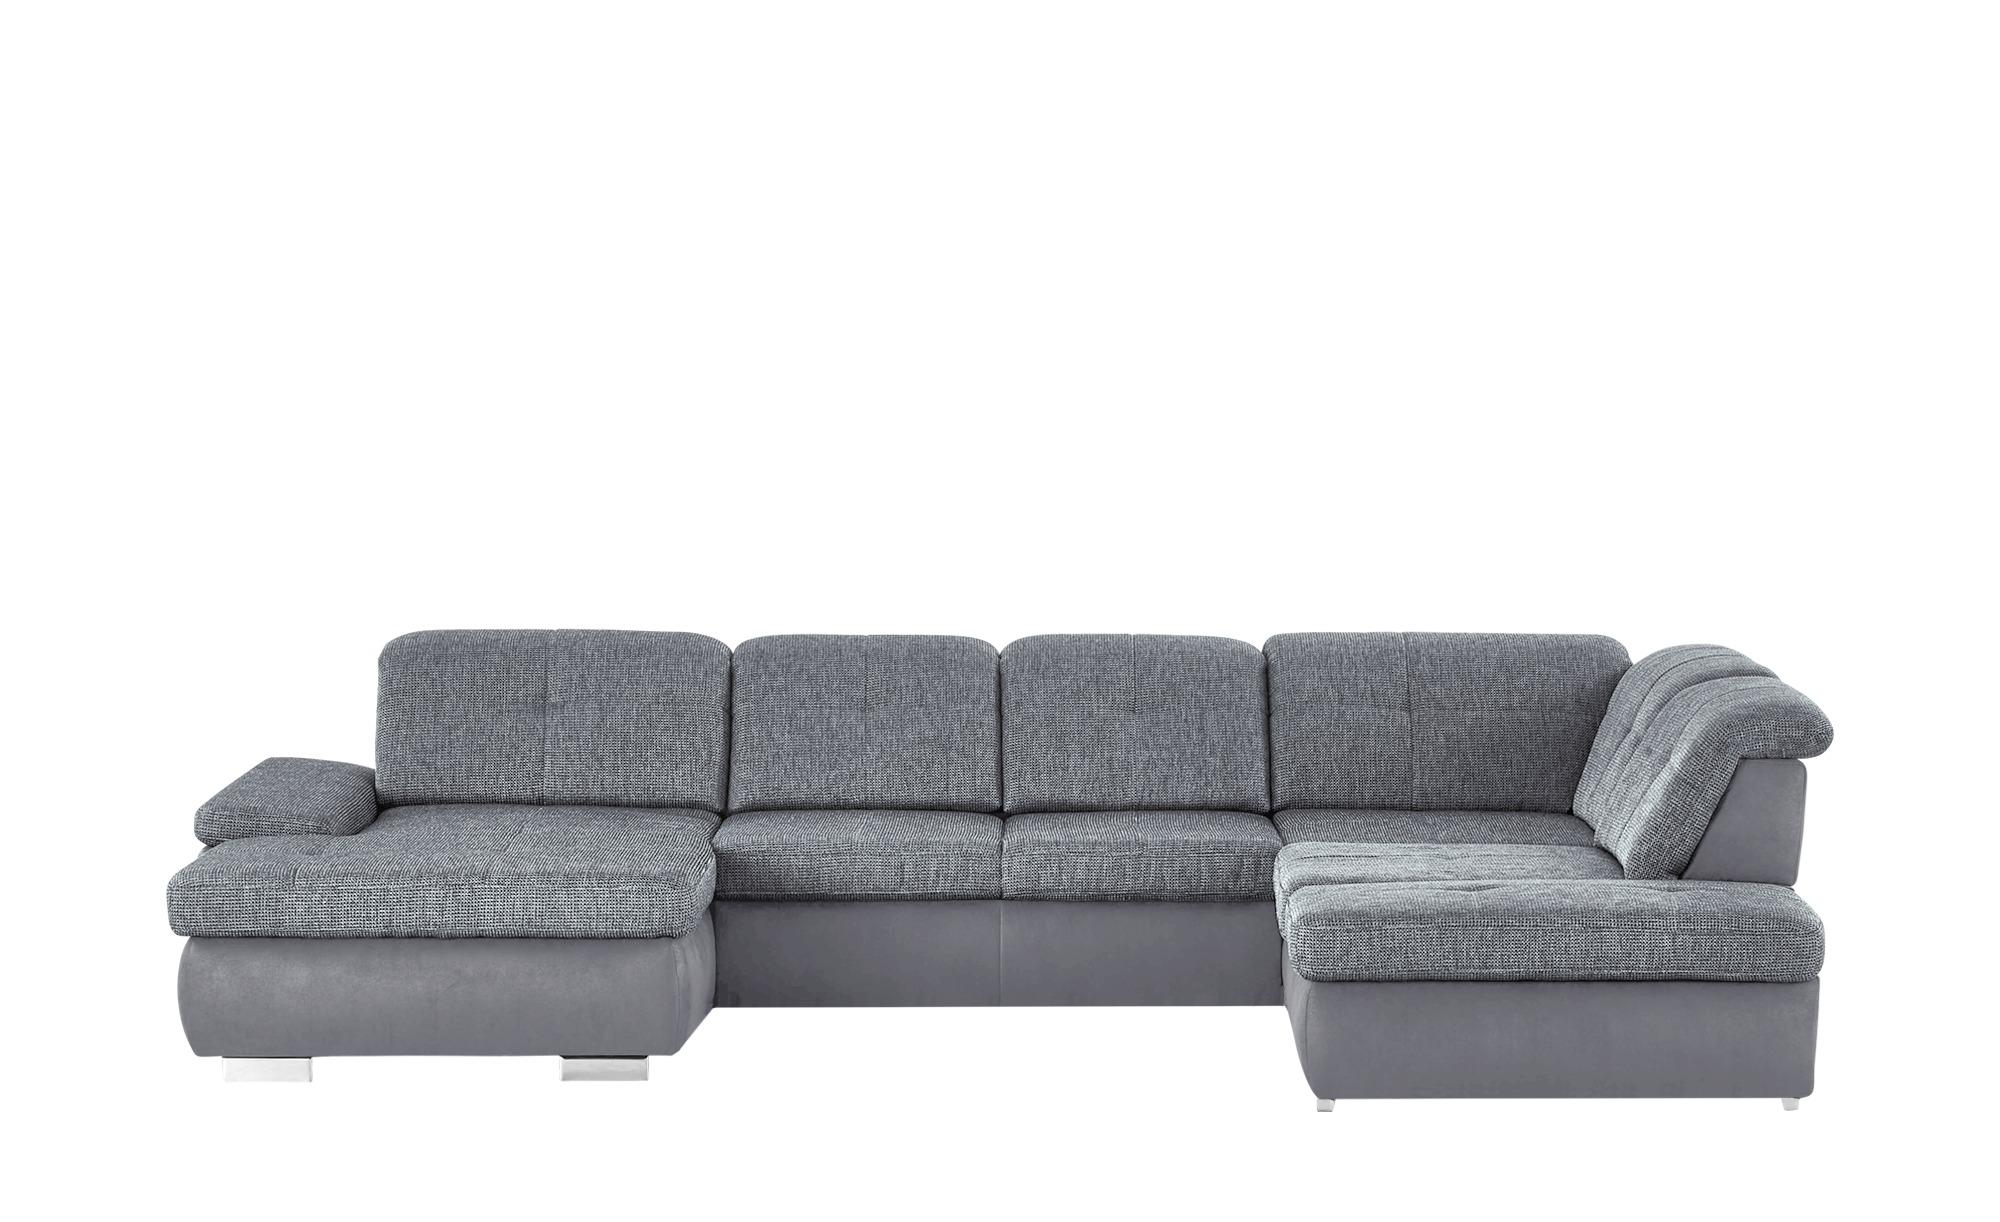 Wohnlandschaft grau/grau - Mikrofaser/Webstoff Affair ¦ grau Polstermöbel > Sofas > Wohnlandschaften - Höffner